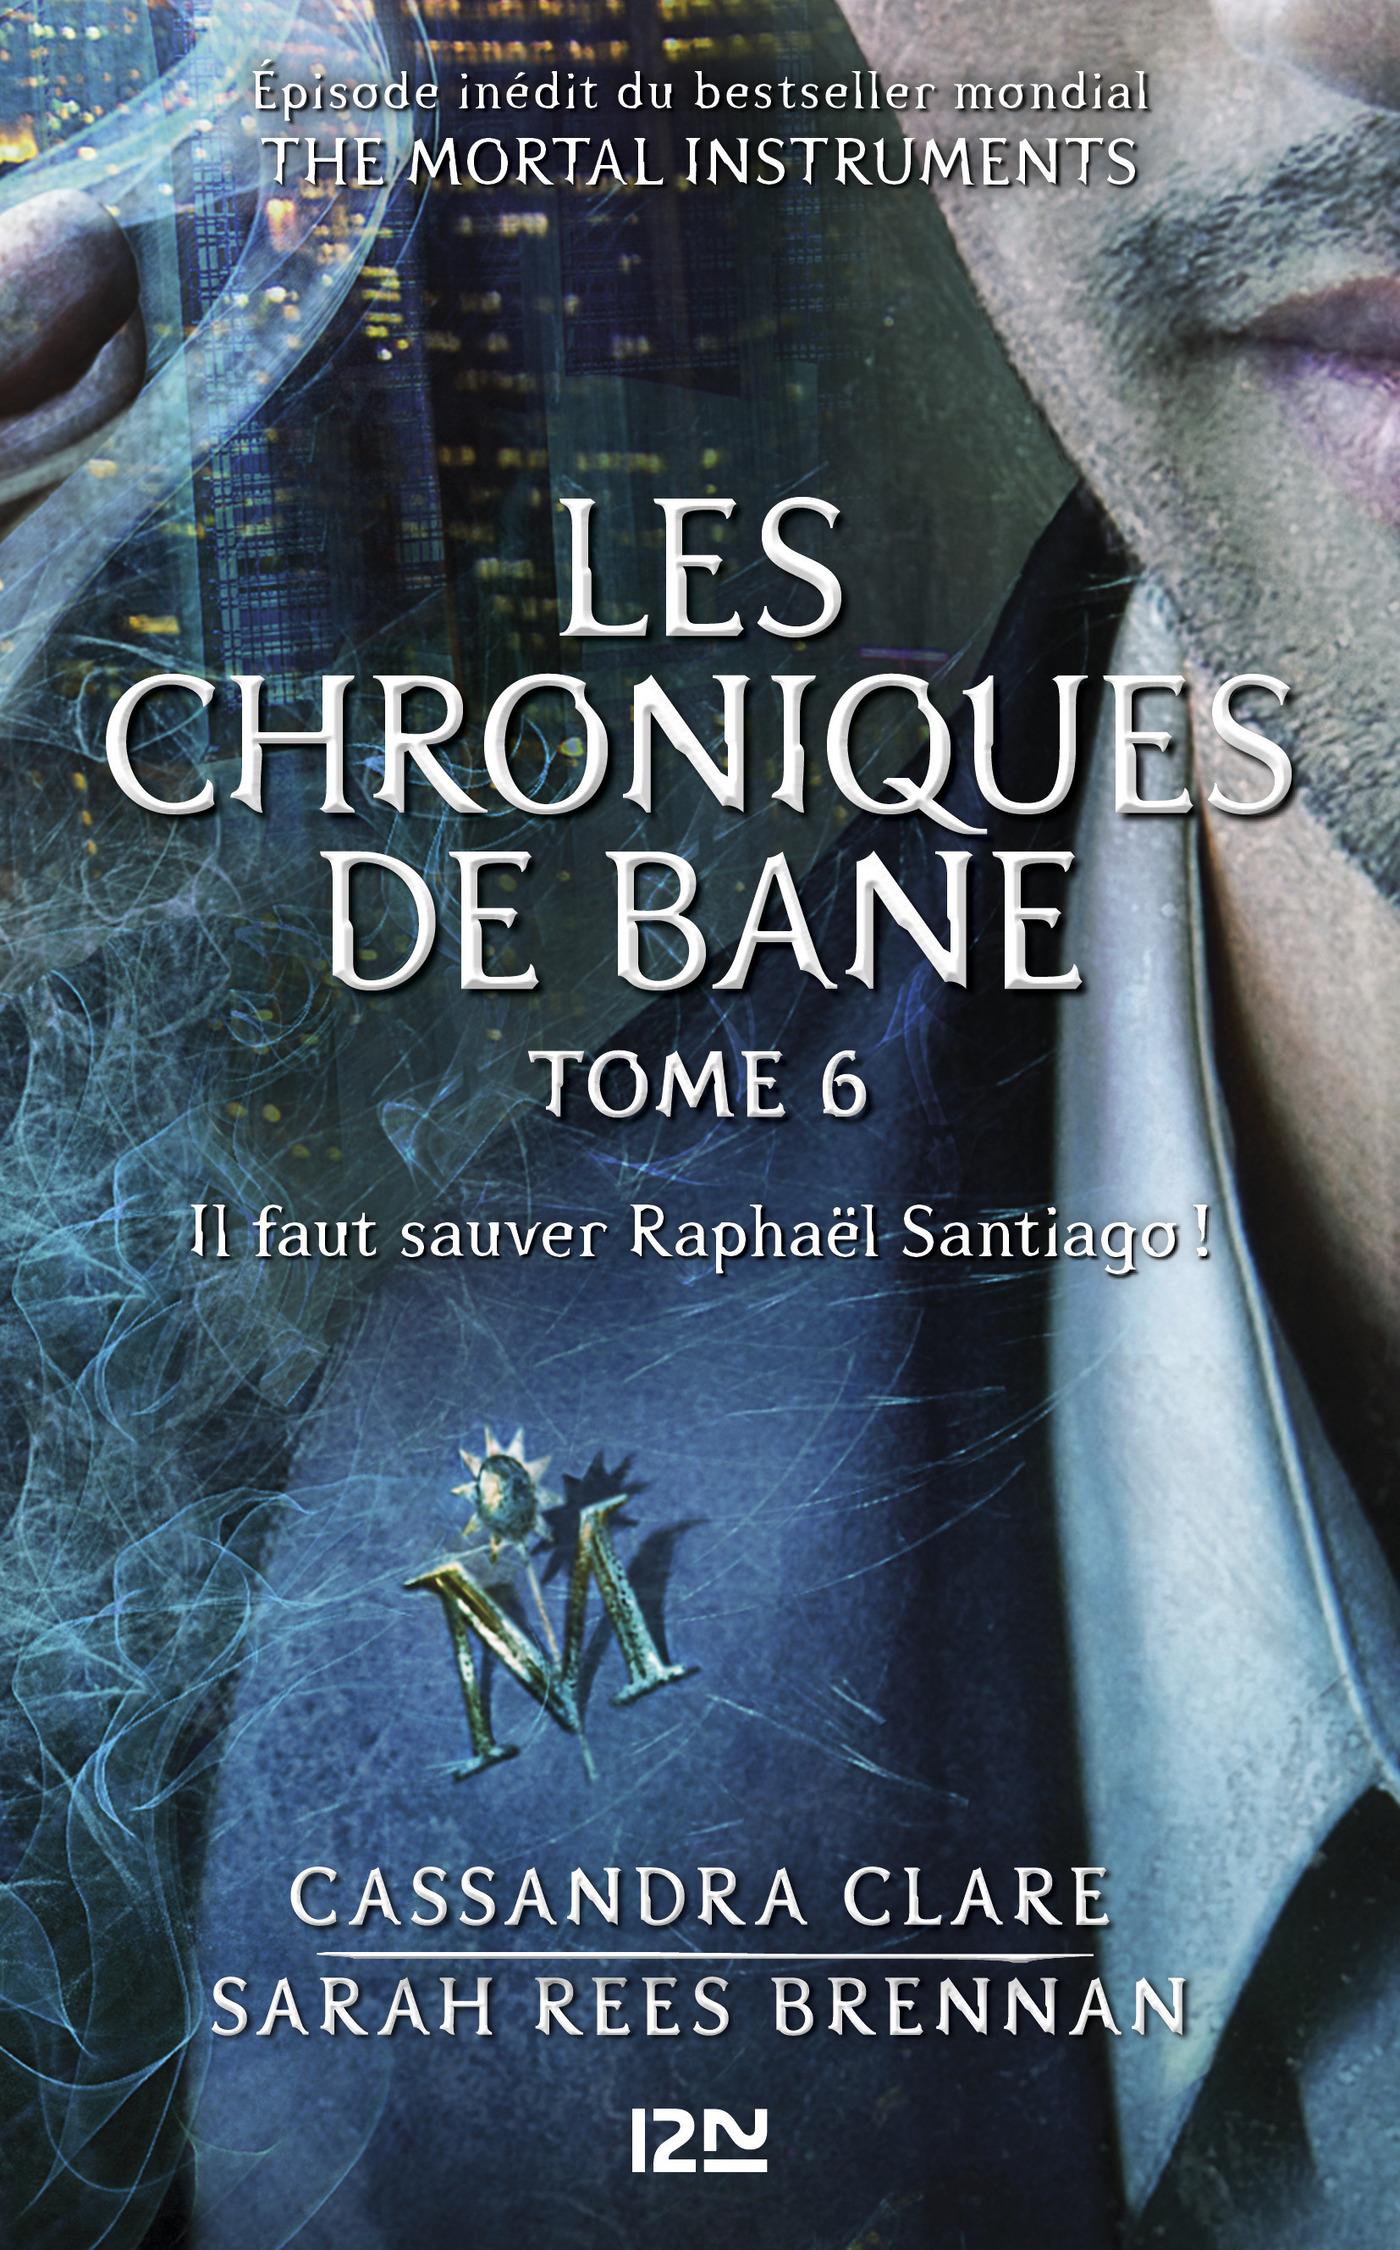 The Mortal Instruments, Les chroniques de Bane - tome 6 : il faut sauver Raphaël Santiago